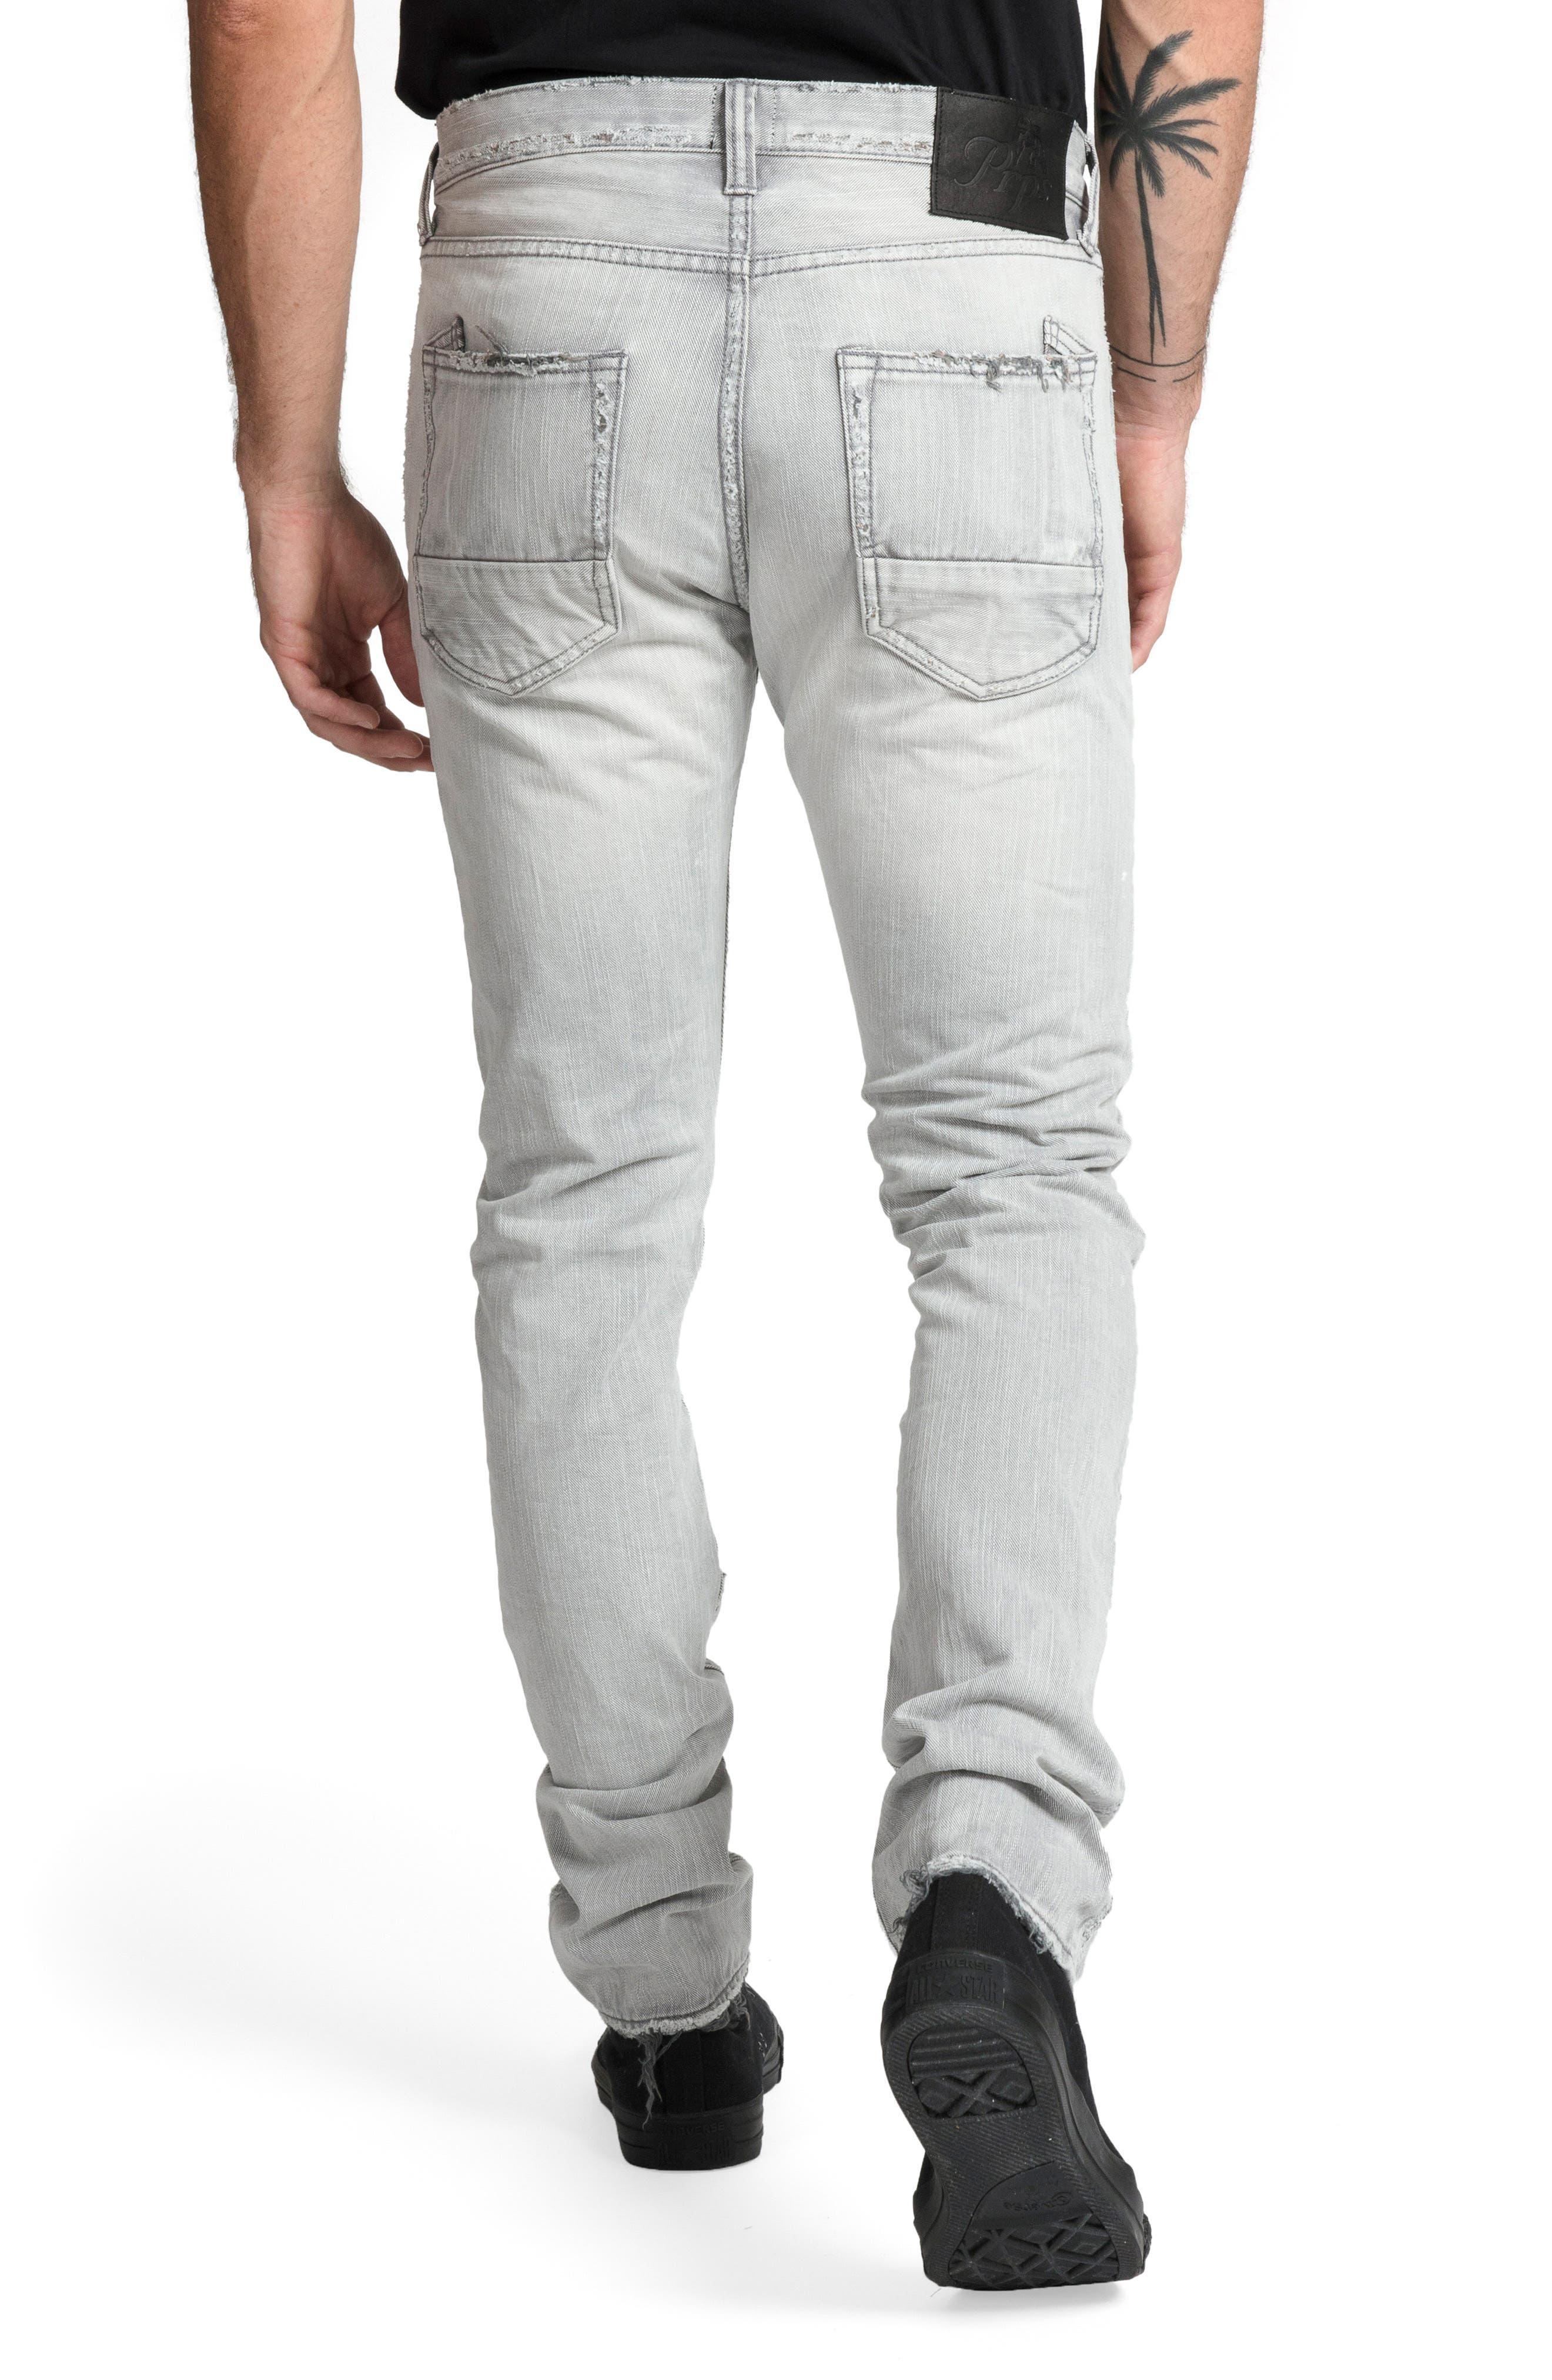 Le Sabre Slim Fit Jeans,                             Alternate thumbnail 2, color,                             LOUTISH